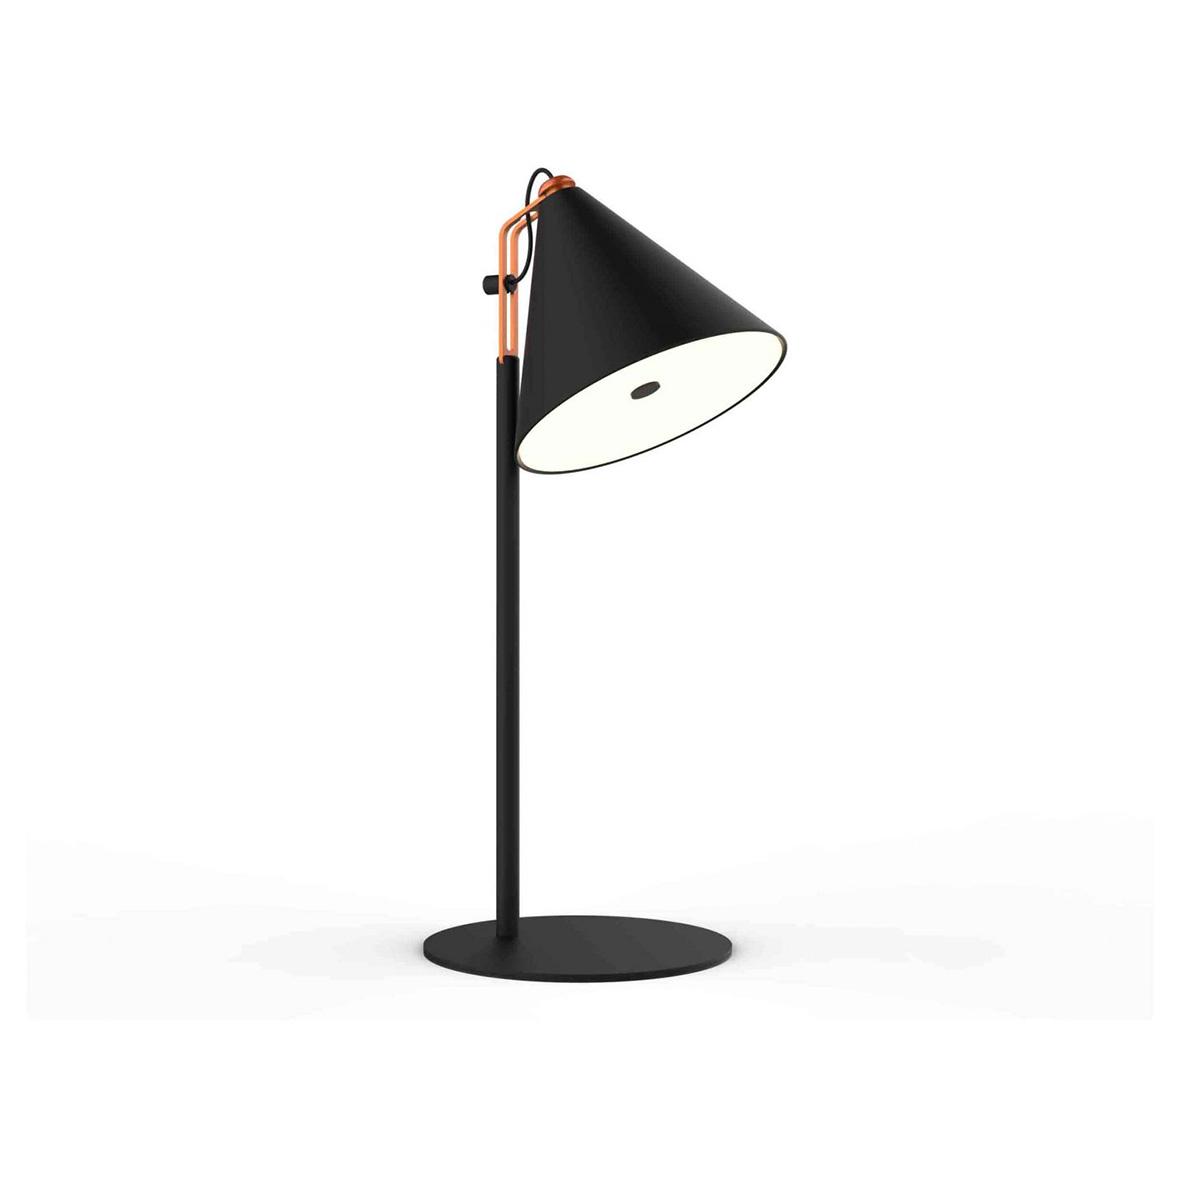 LED stona lampa 1.0032-SL1